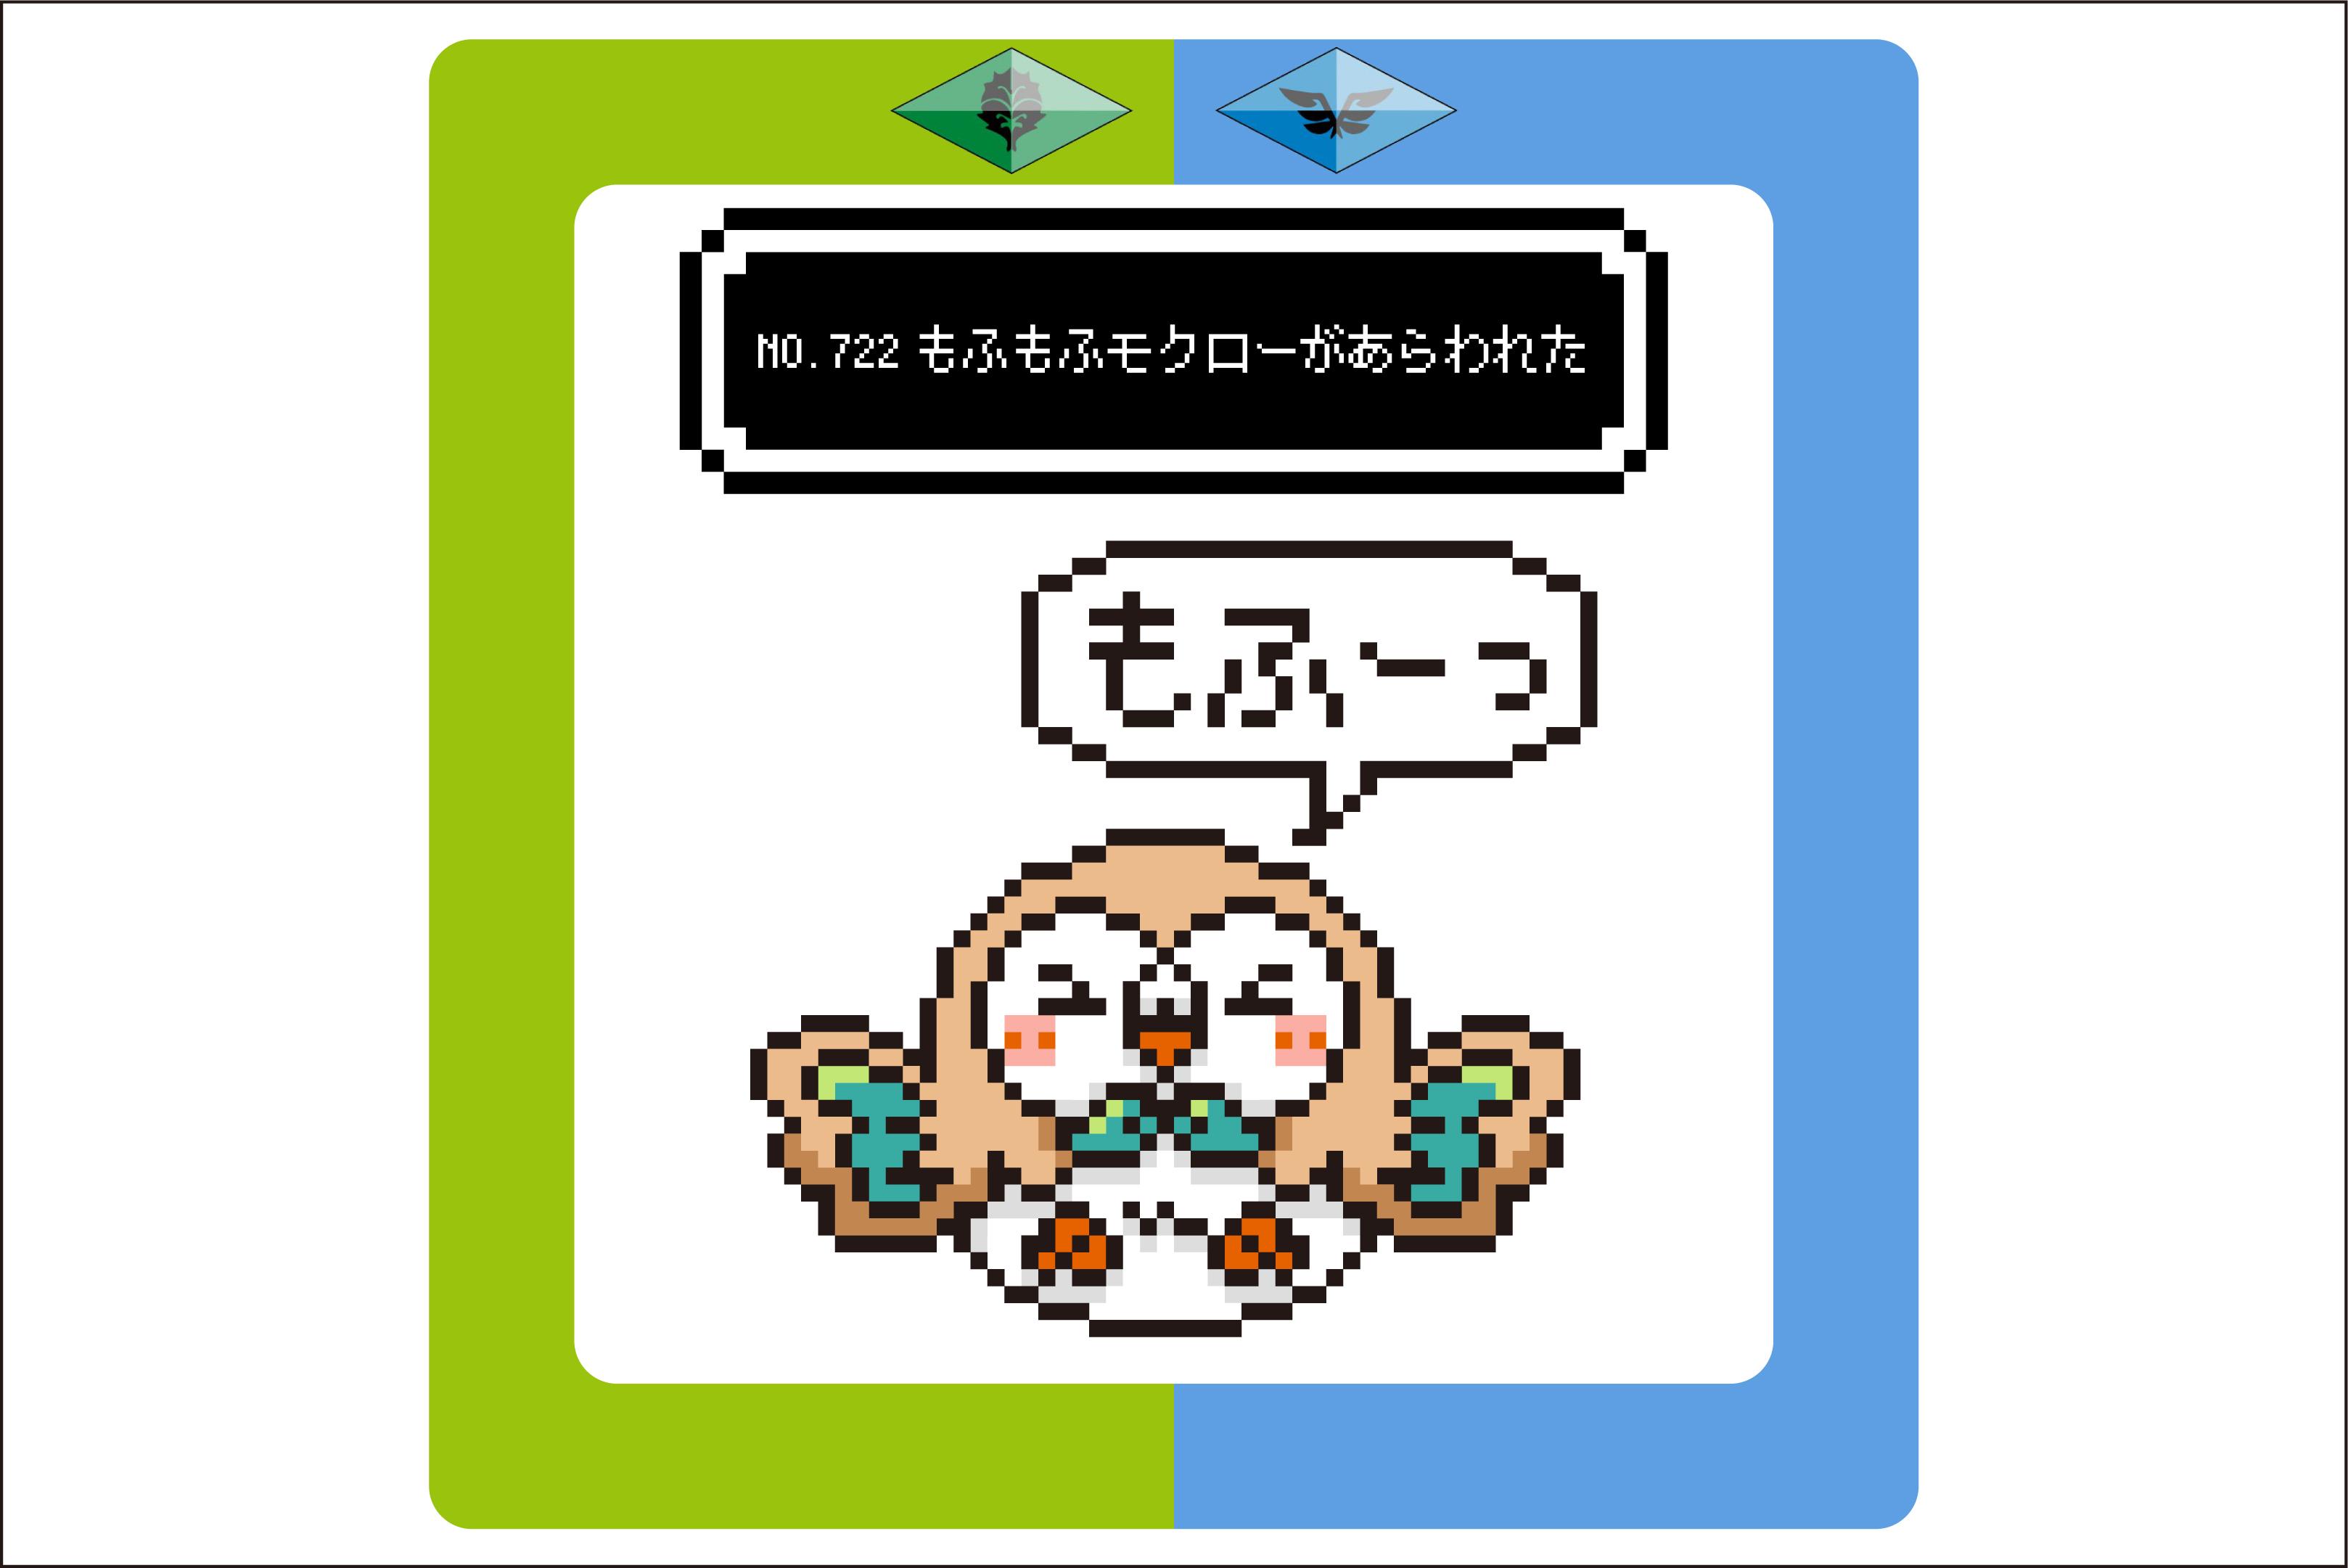 【ポケモン】もふもふモクローのアイロンビーズ図案【サン&ムーン】